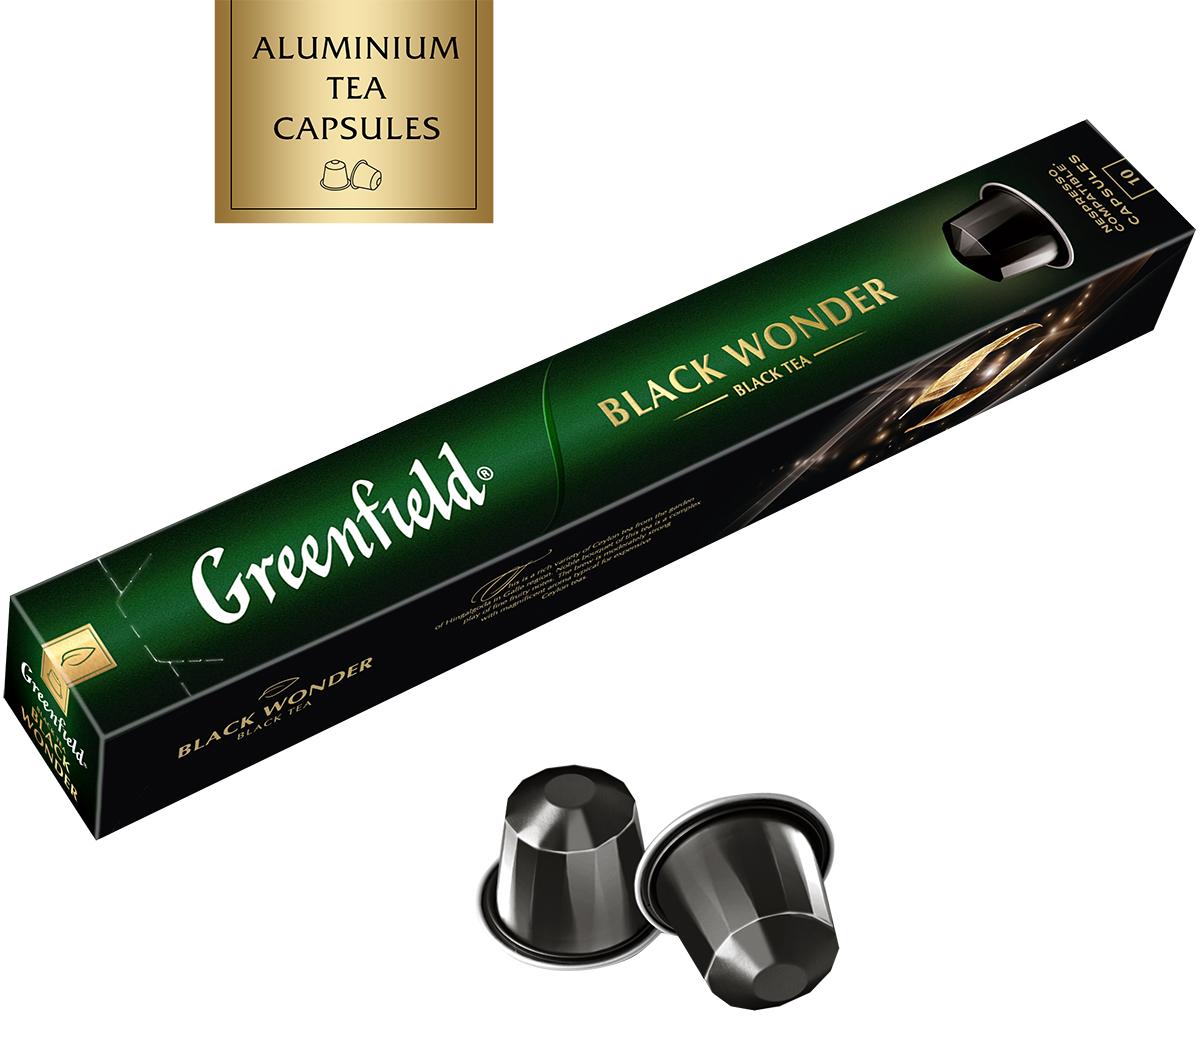 Greenfield Black Wonder черный чай в алюминиевых капсулах, 10 шт по 2,5 г greenfield garnet oolong зеленый чай в алюминиевых капсулах с ароматом граната и лепестками василька 10 шт по 2 5 г